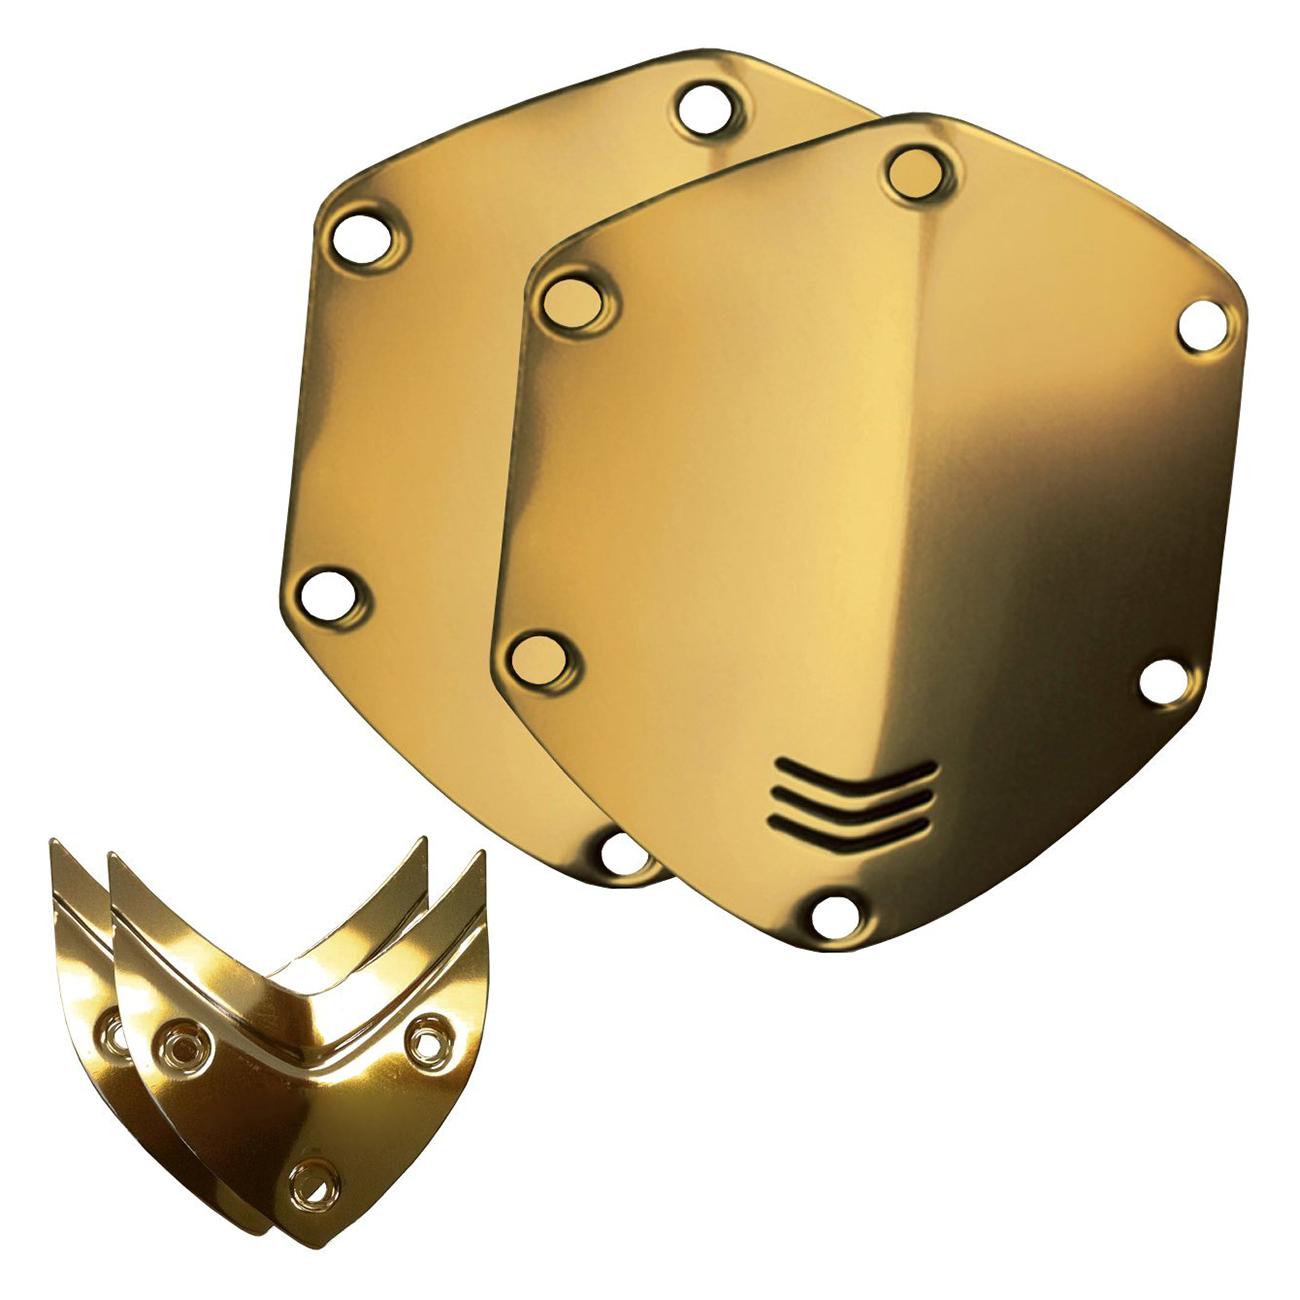 Miếng Khiên Bảo Vệ V-MODA (Dành Cho M100 Và LP2)